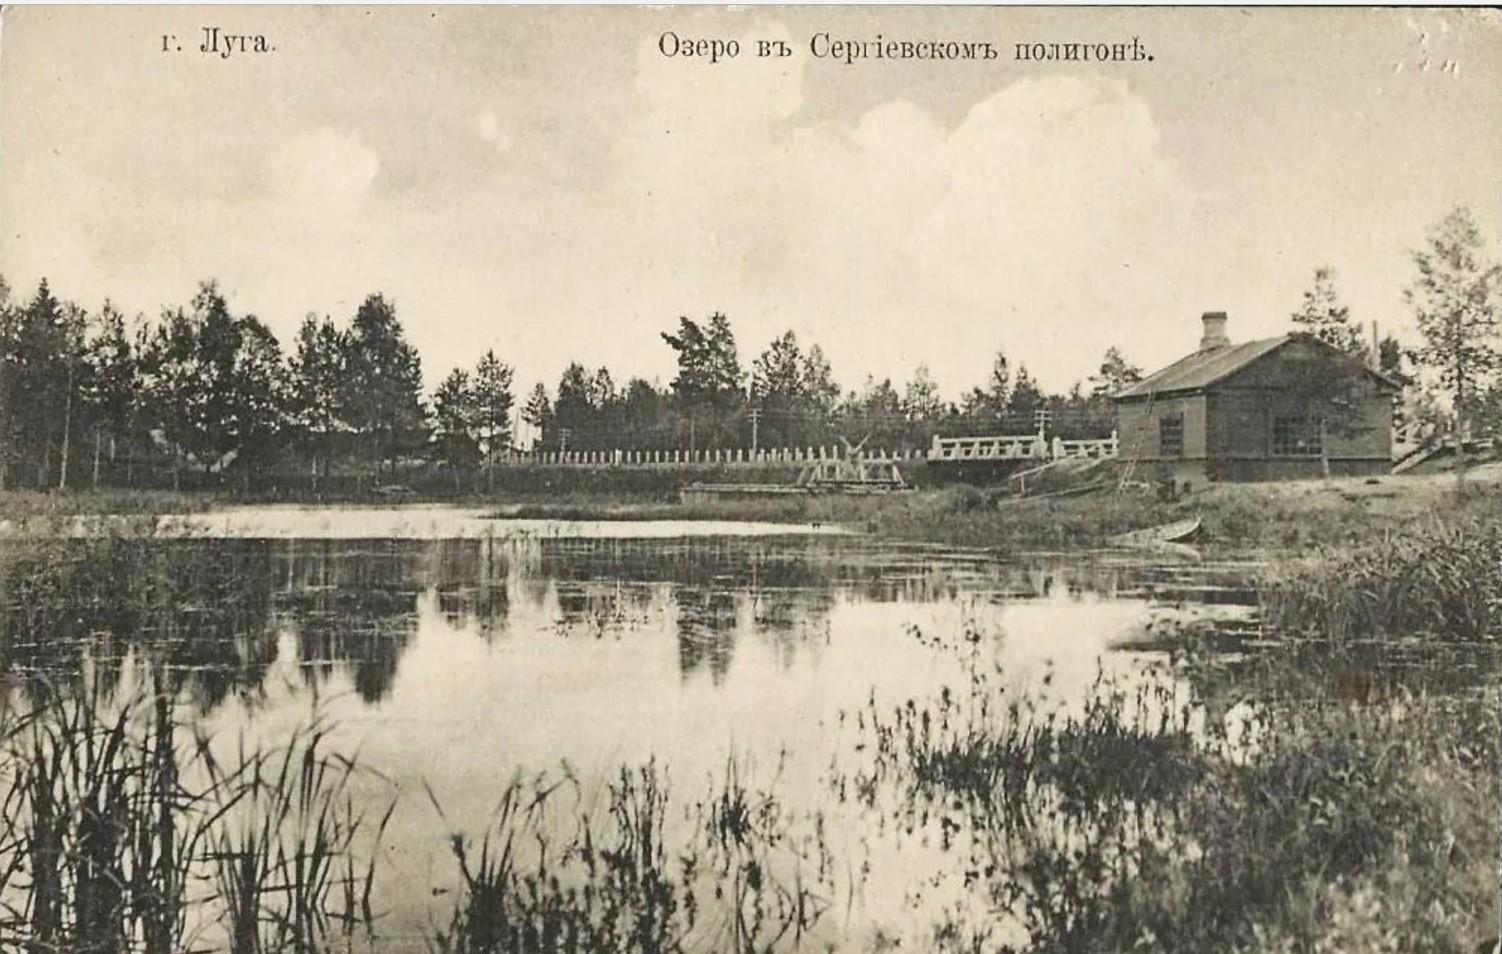 Окрестности Луги. Озеро в Сергиевском полигоне